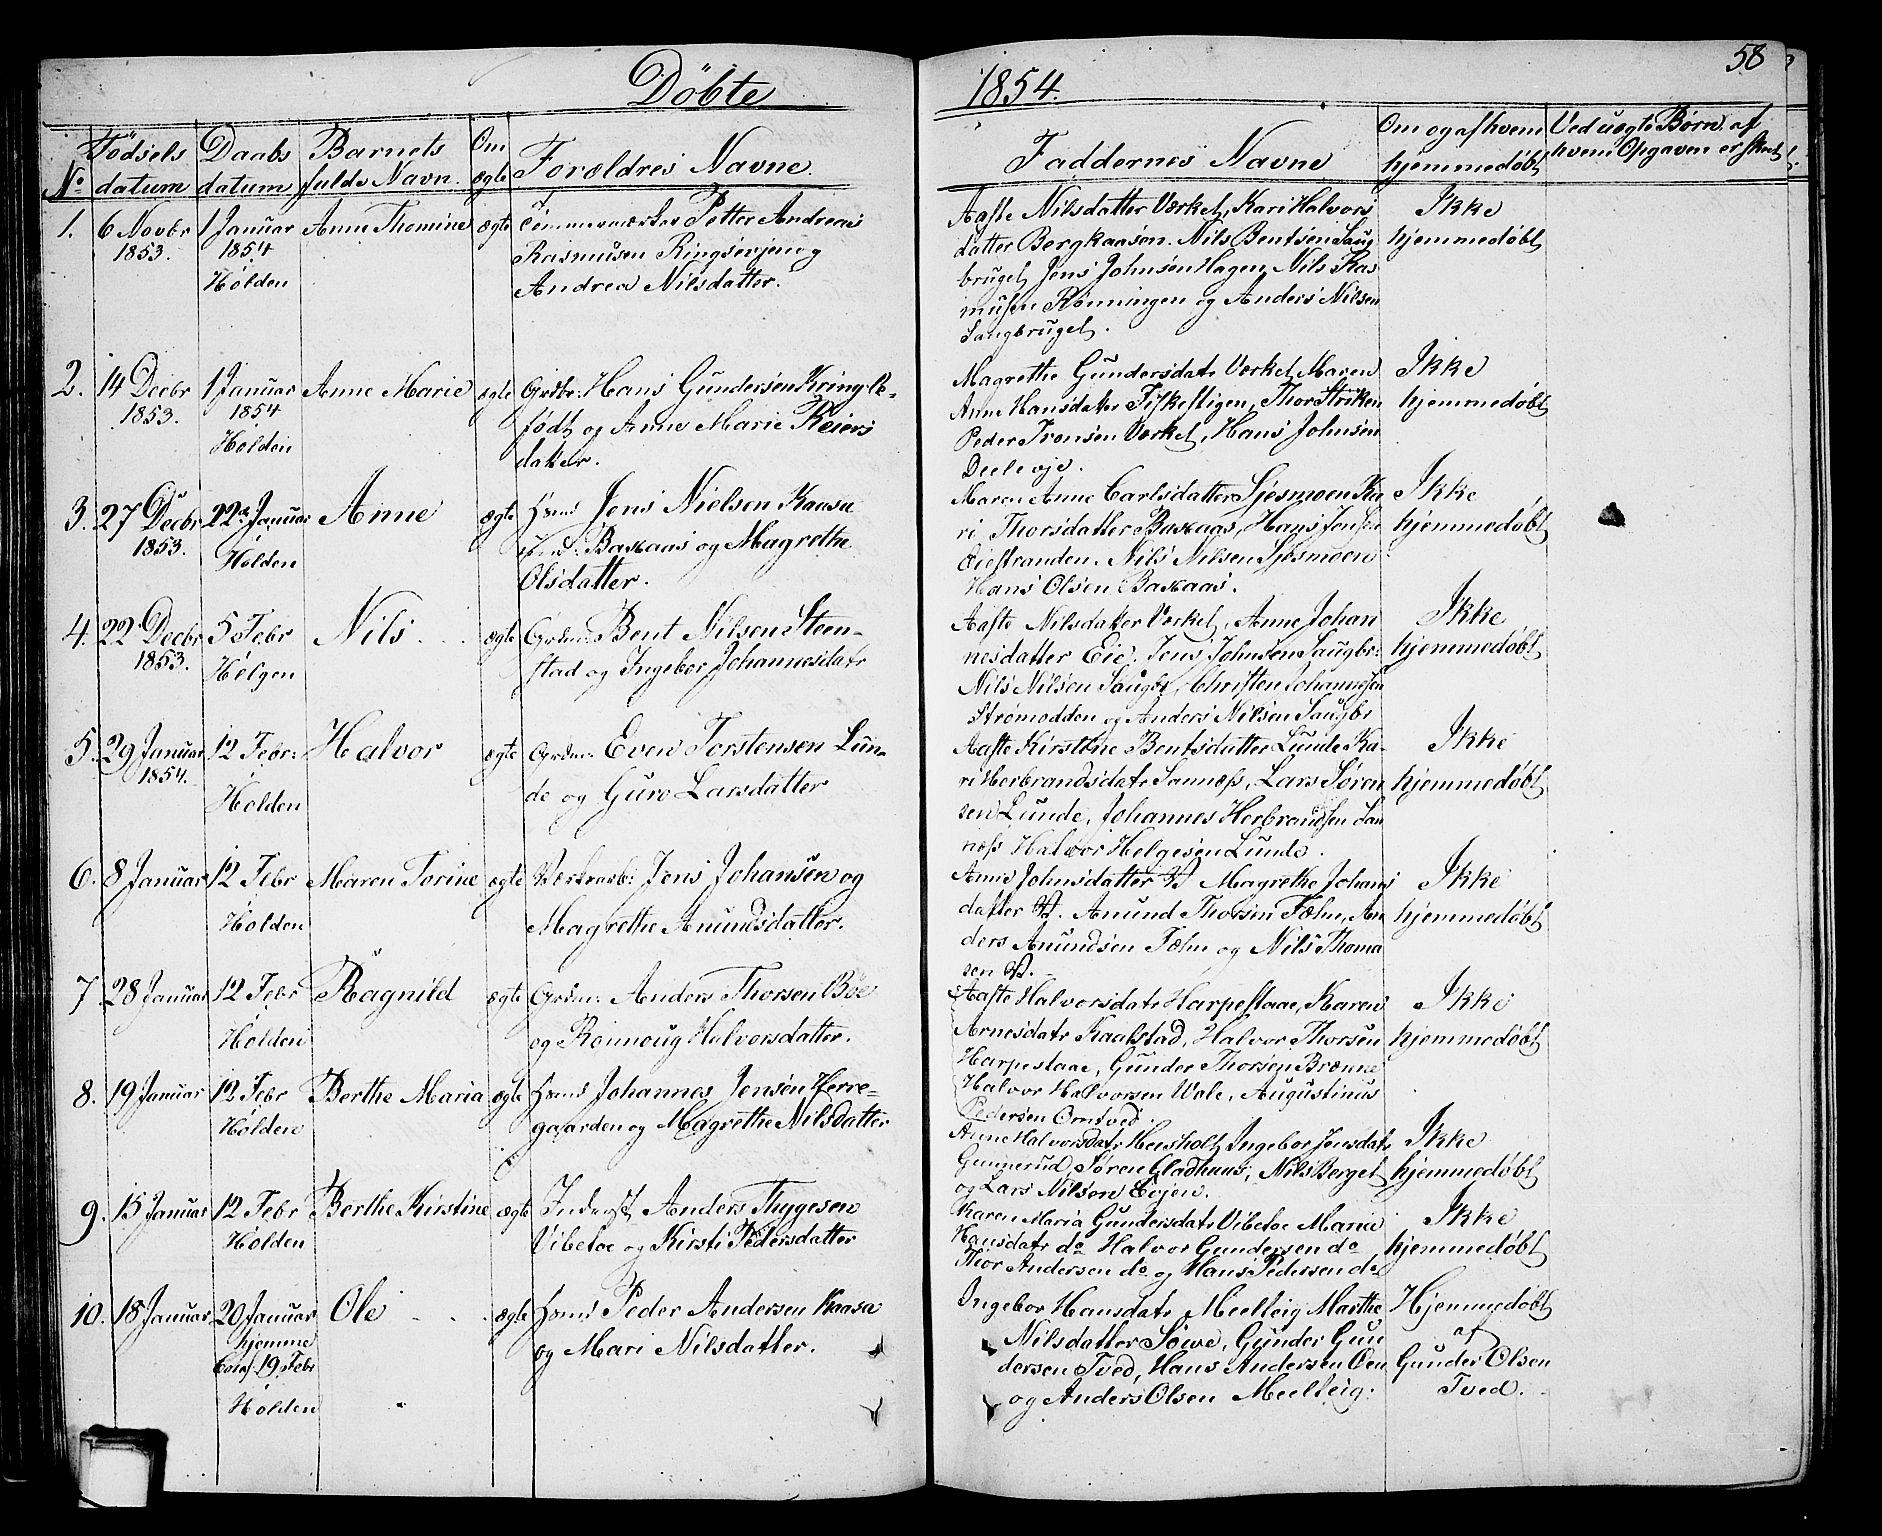 SAKO, Holla kirkebøker, G/Ga/L0003: Klokkerbok nr. I 3, 1849-1866, s. 58